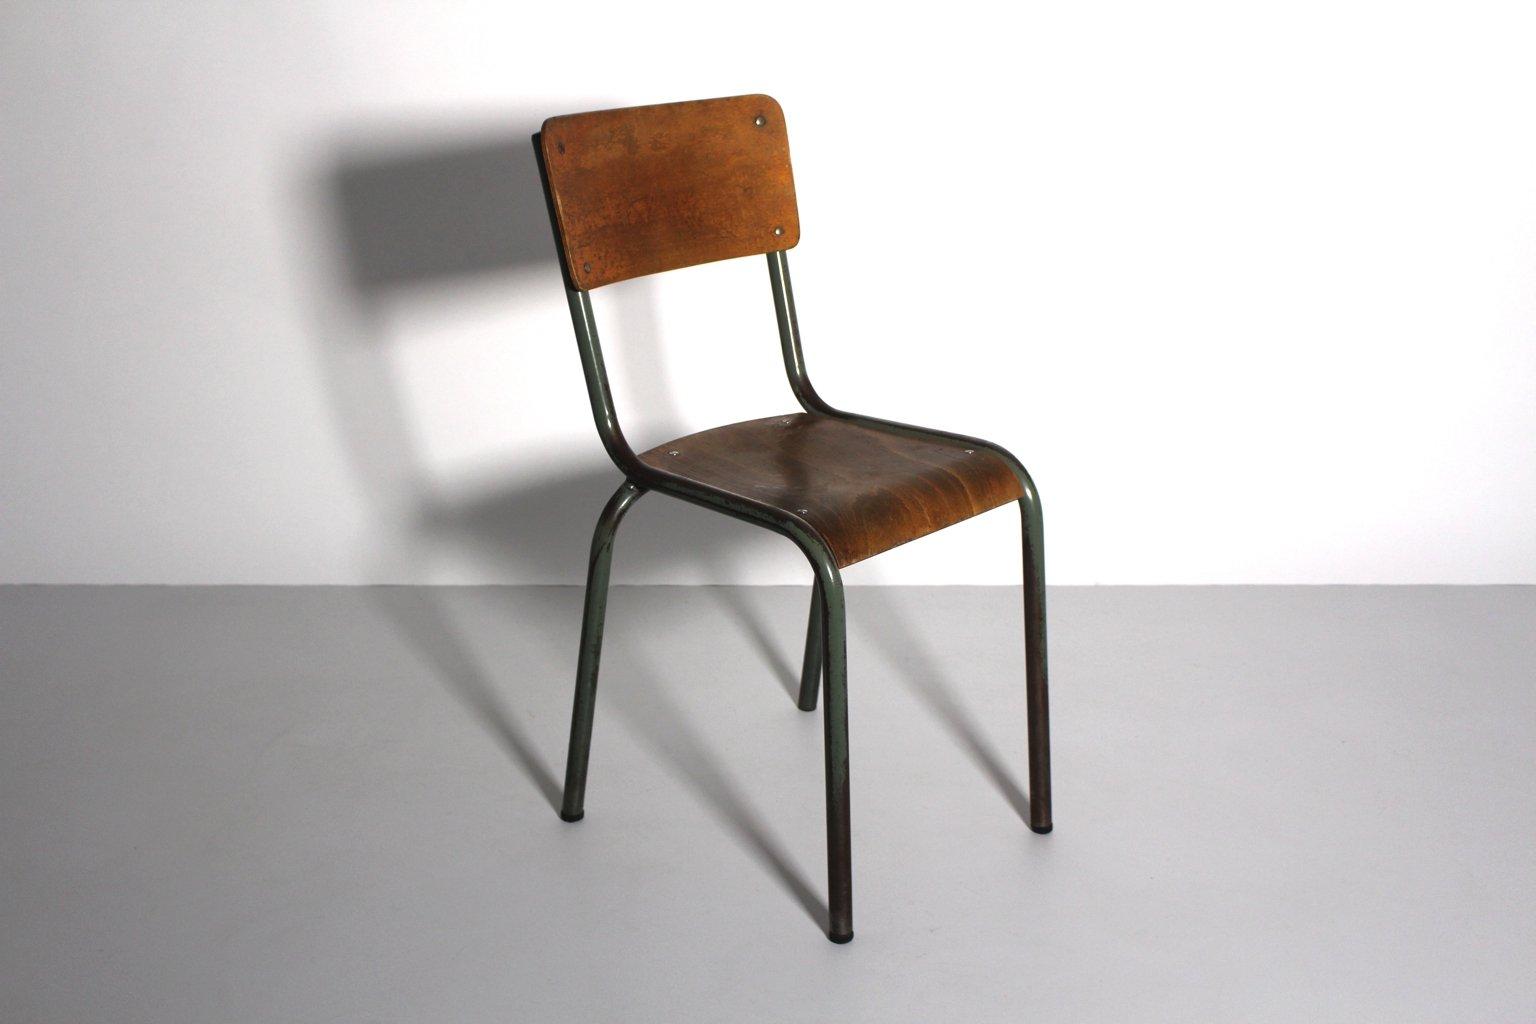 Bureau et Chaise Vintage de Style Industriel 1940s Set de 2 en